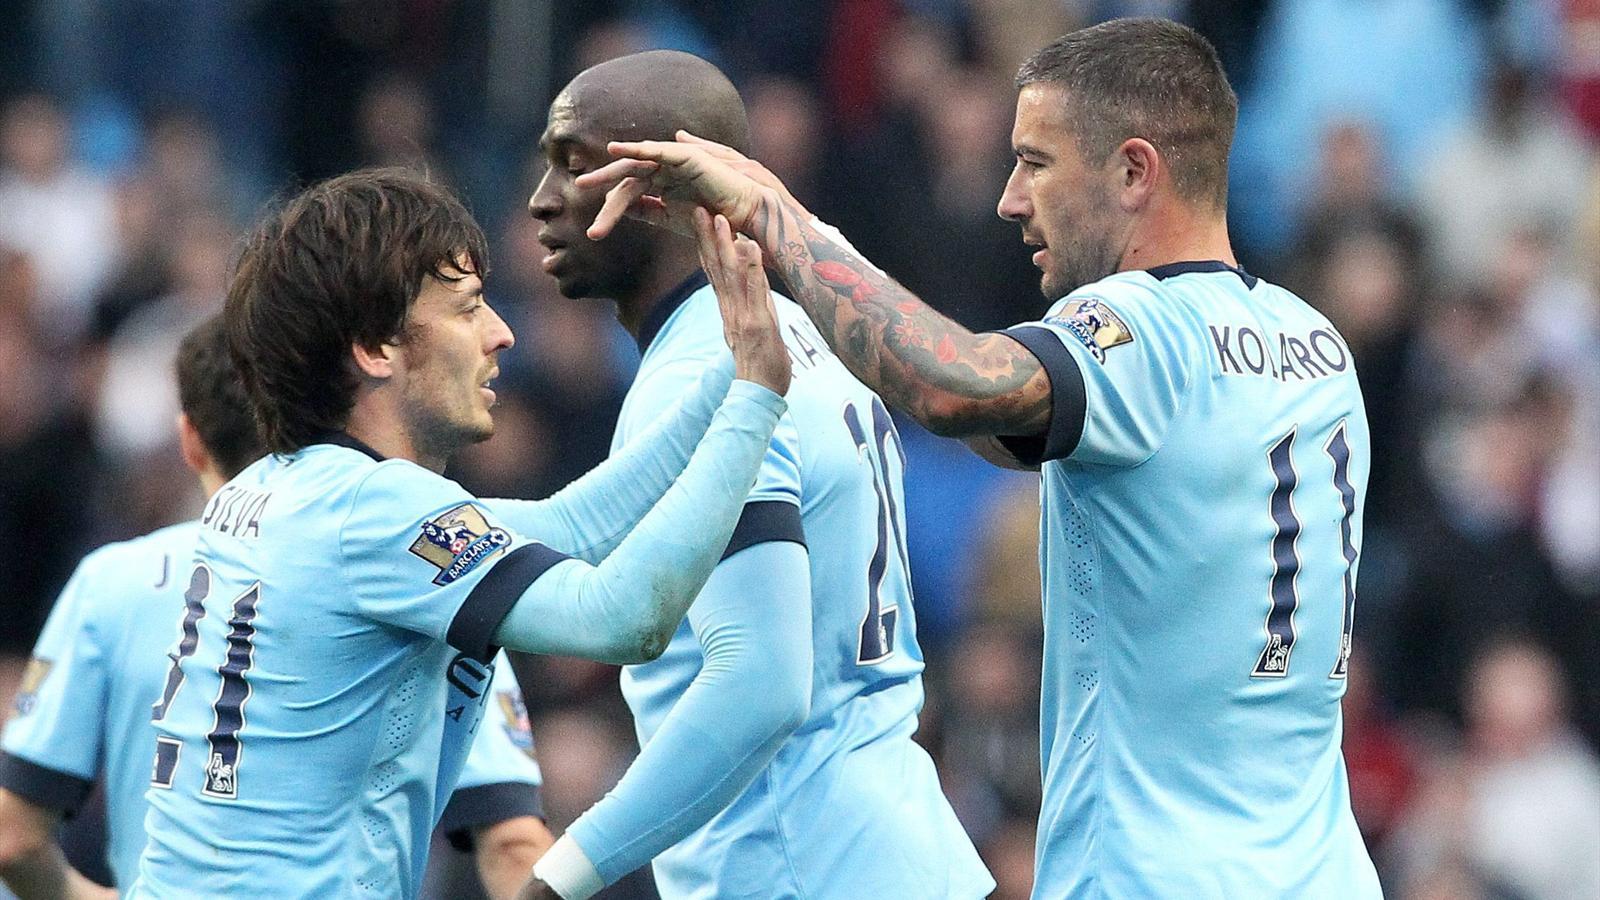 David Silva y Kolarov celebrando un gol en el Manchester City-Aston Villa